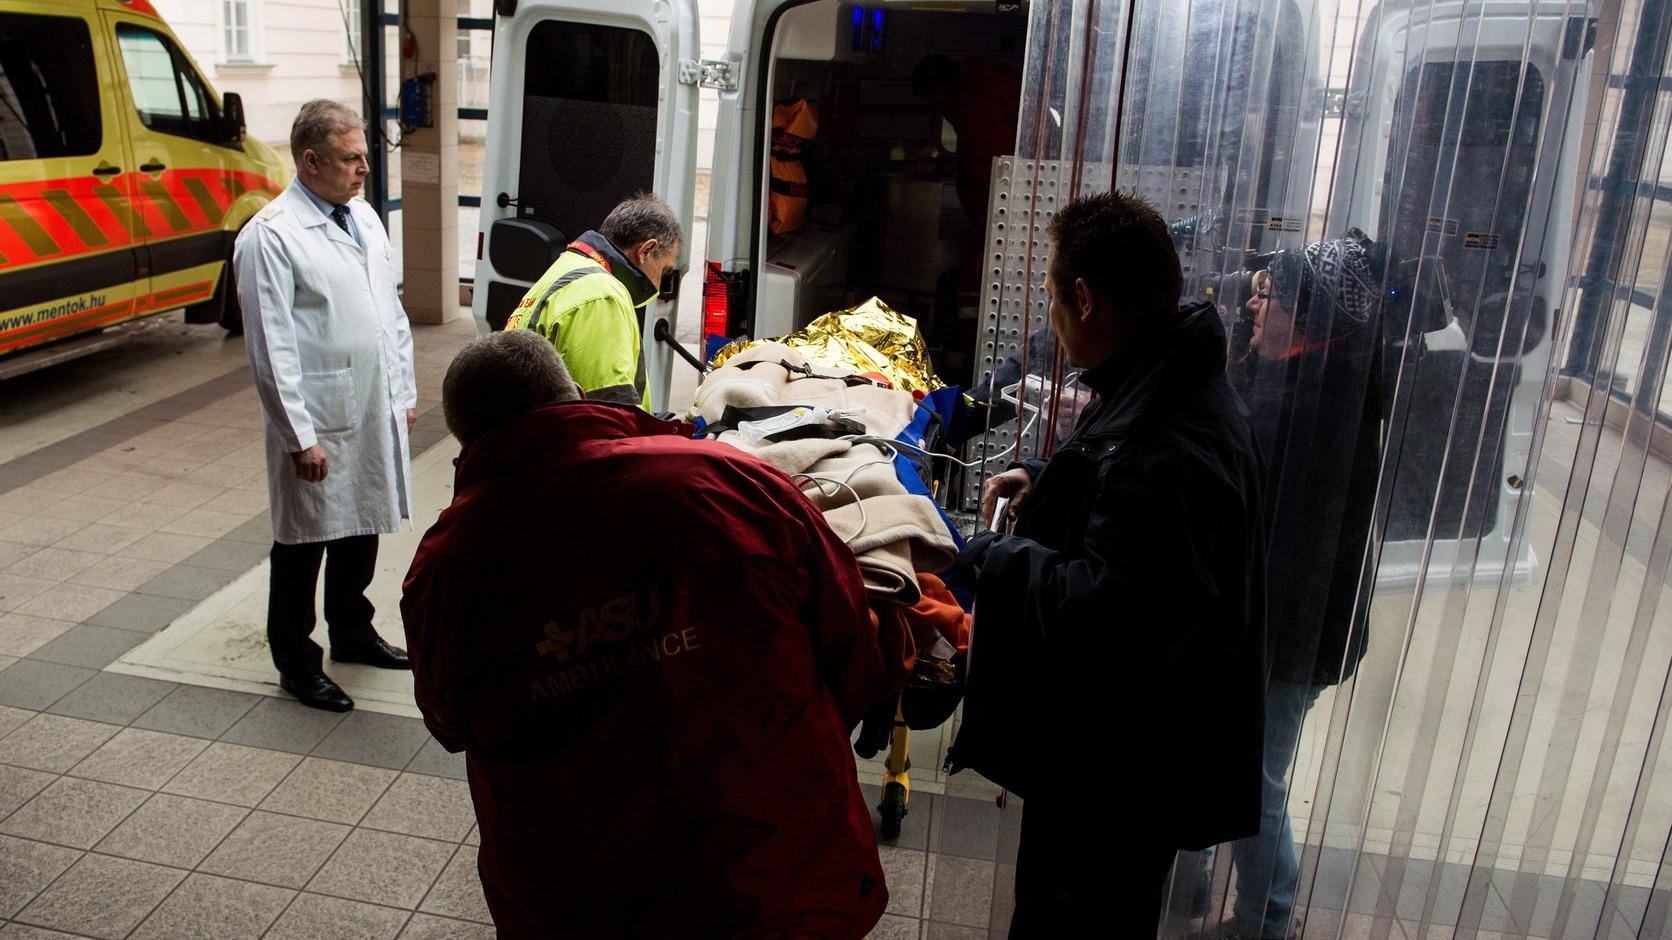 Budapest, 2017. február 15. Az olaszországi buszbaleset eddig Veronában ápolt egyik sérültjét hozzák a budapesti Honvédkórházba 2017. február 15-én. A másik sérültet, aki fejsérülést szenvedett, továbbra is Olaszországban ápolják. MTI Fotó: Balogh Zoltán